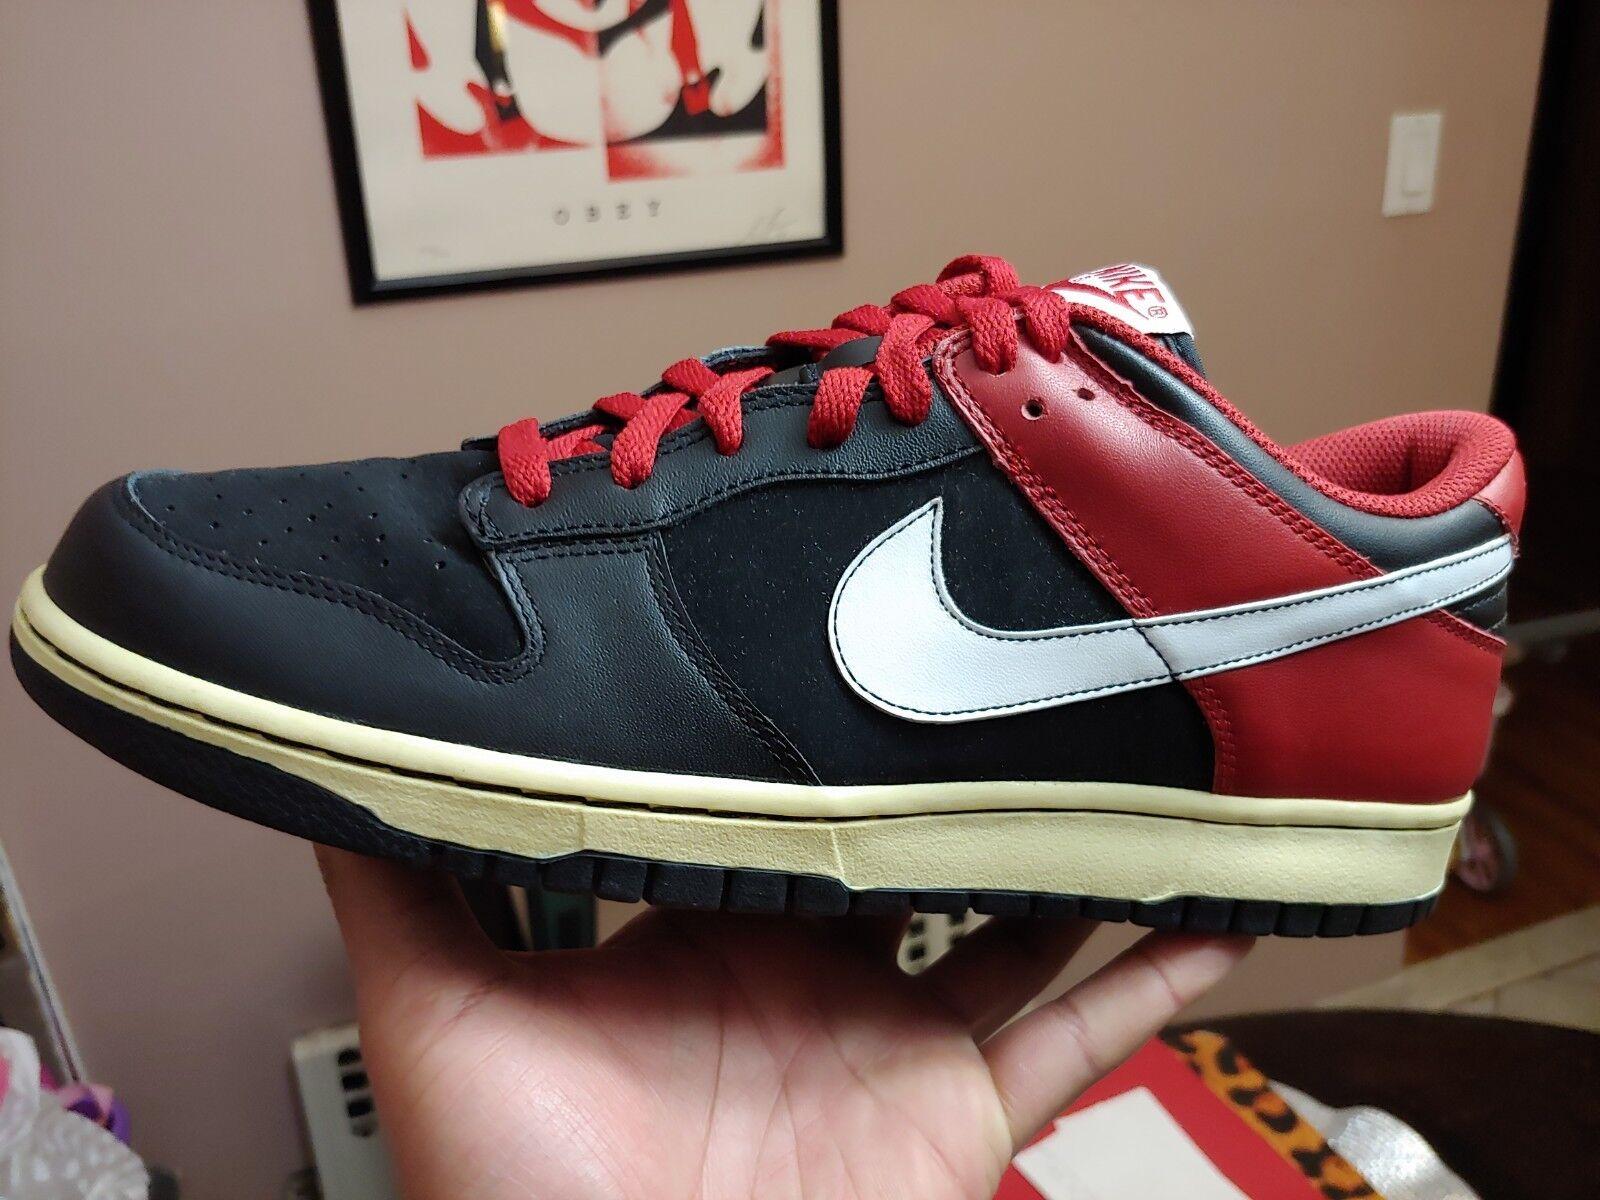 Nike Dunk Low CL Jordan 1 Bred Toe Black White Varsity Red size 11 New In OG Box